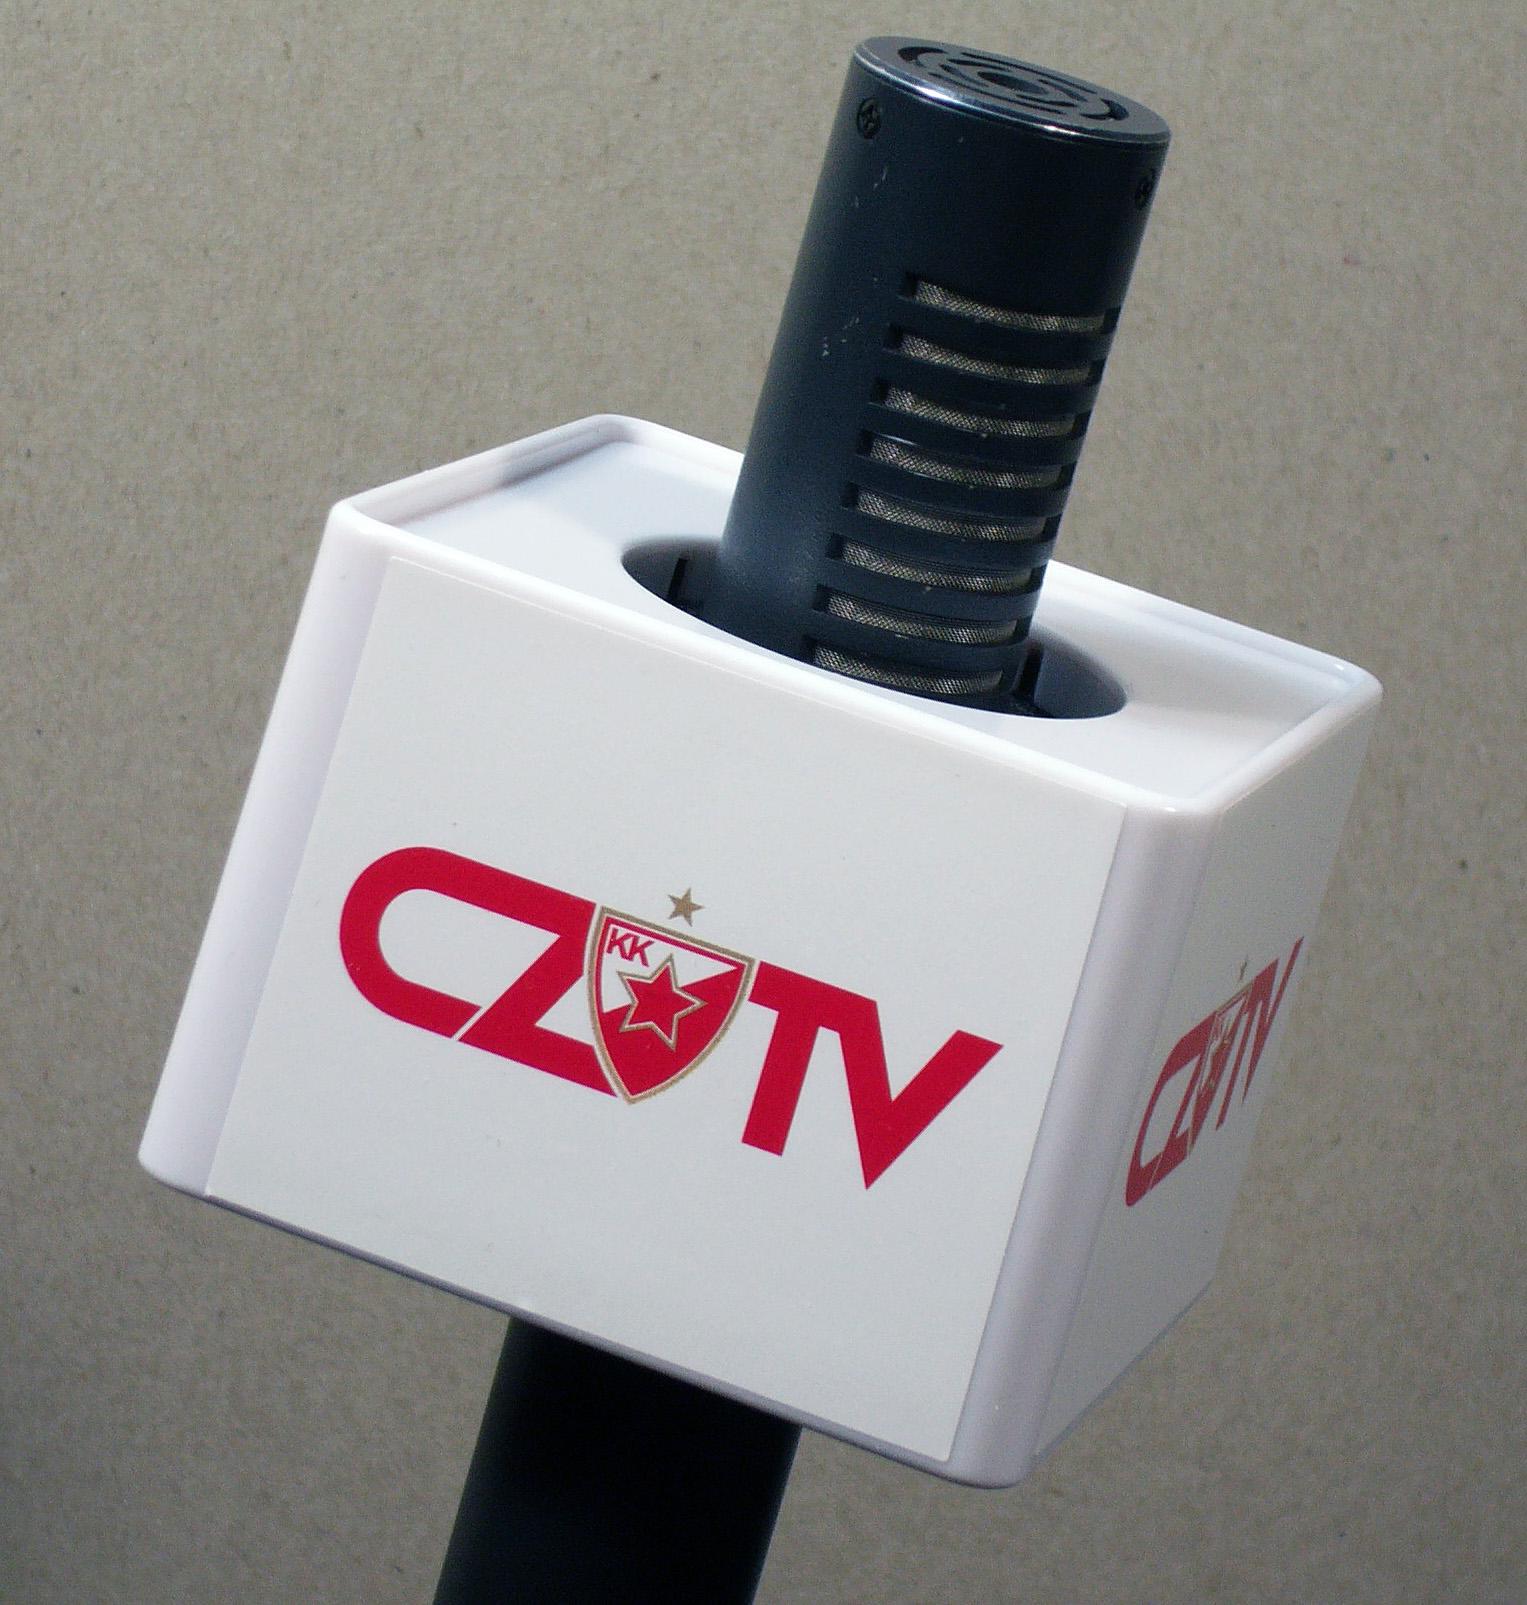 Mic cube CZTV